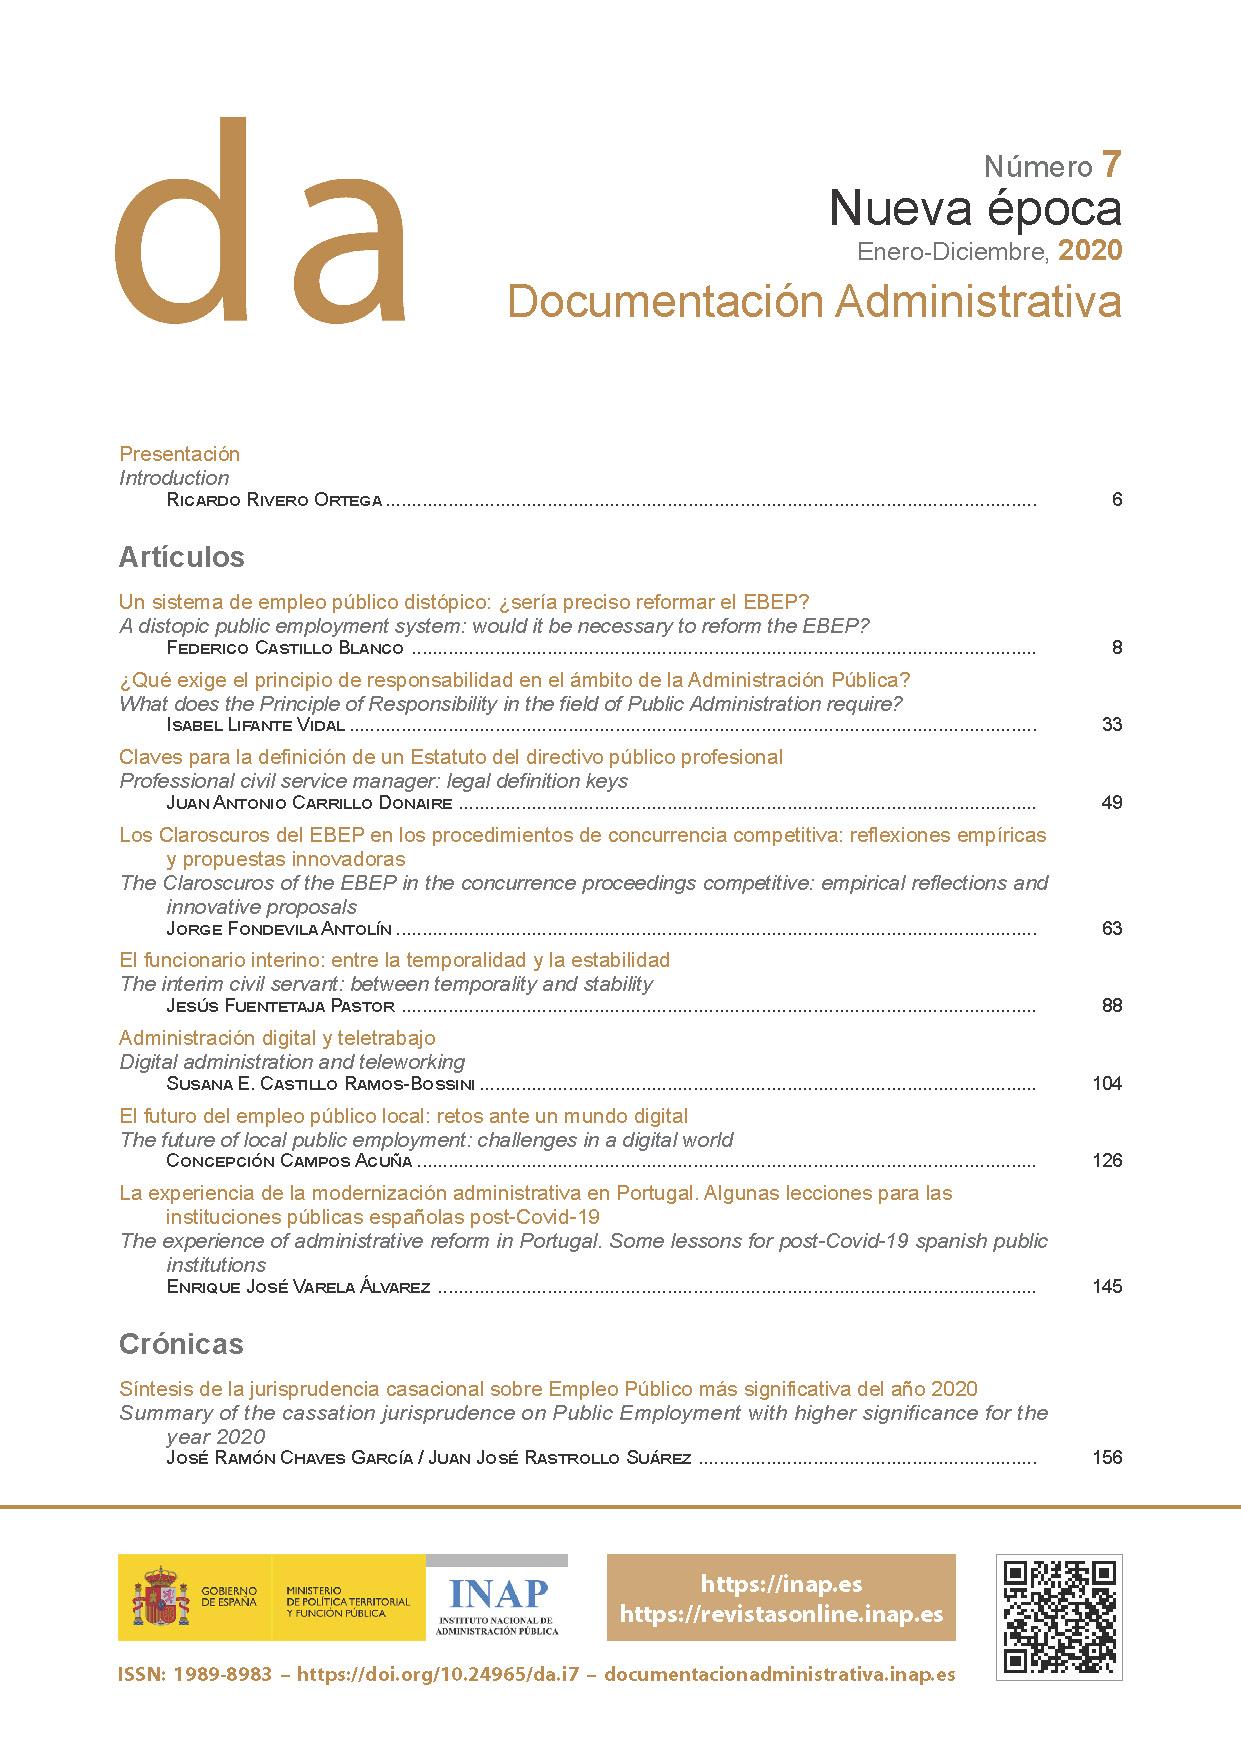 Ver Documentación Administrativa. Nueva Época. Número 7 (enero-diciembre 2020)